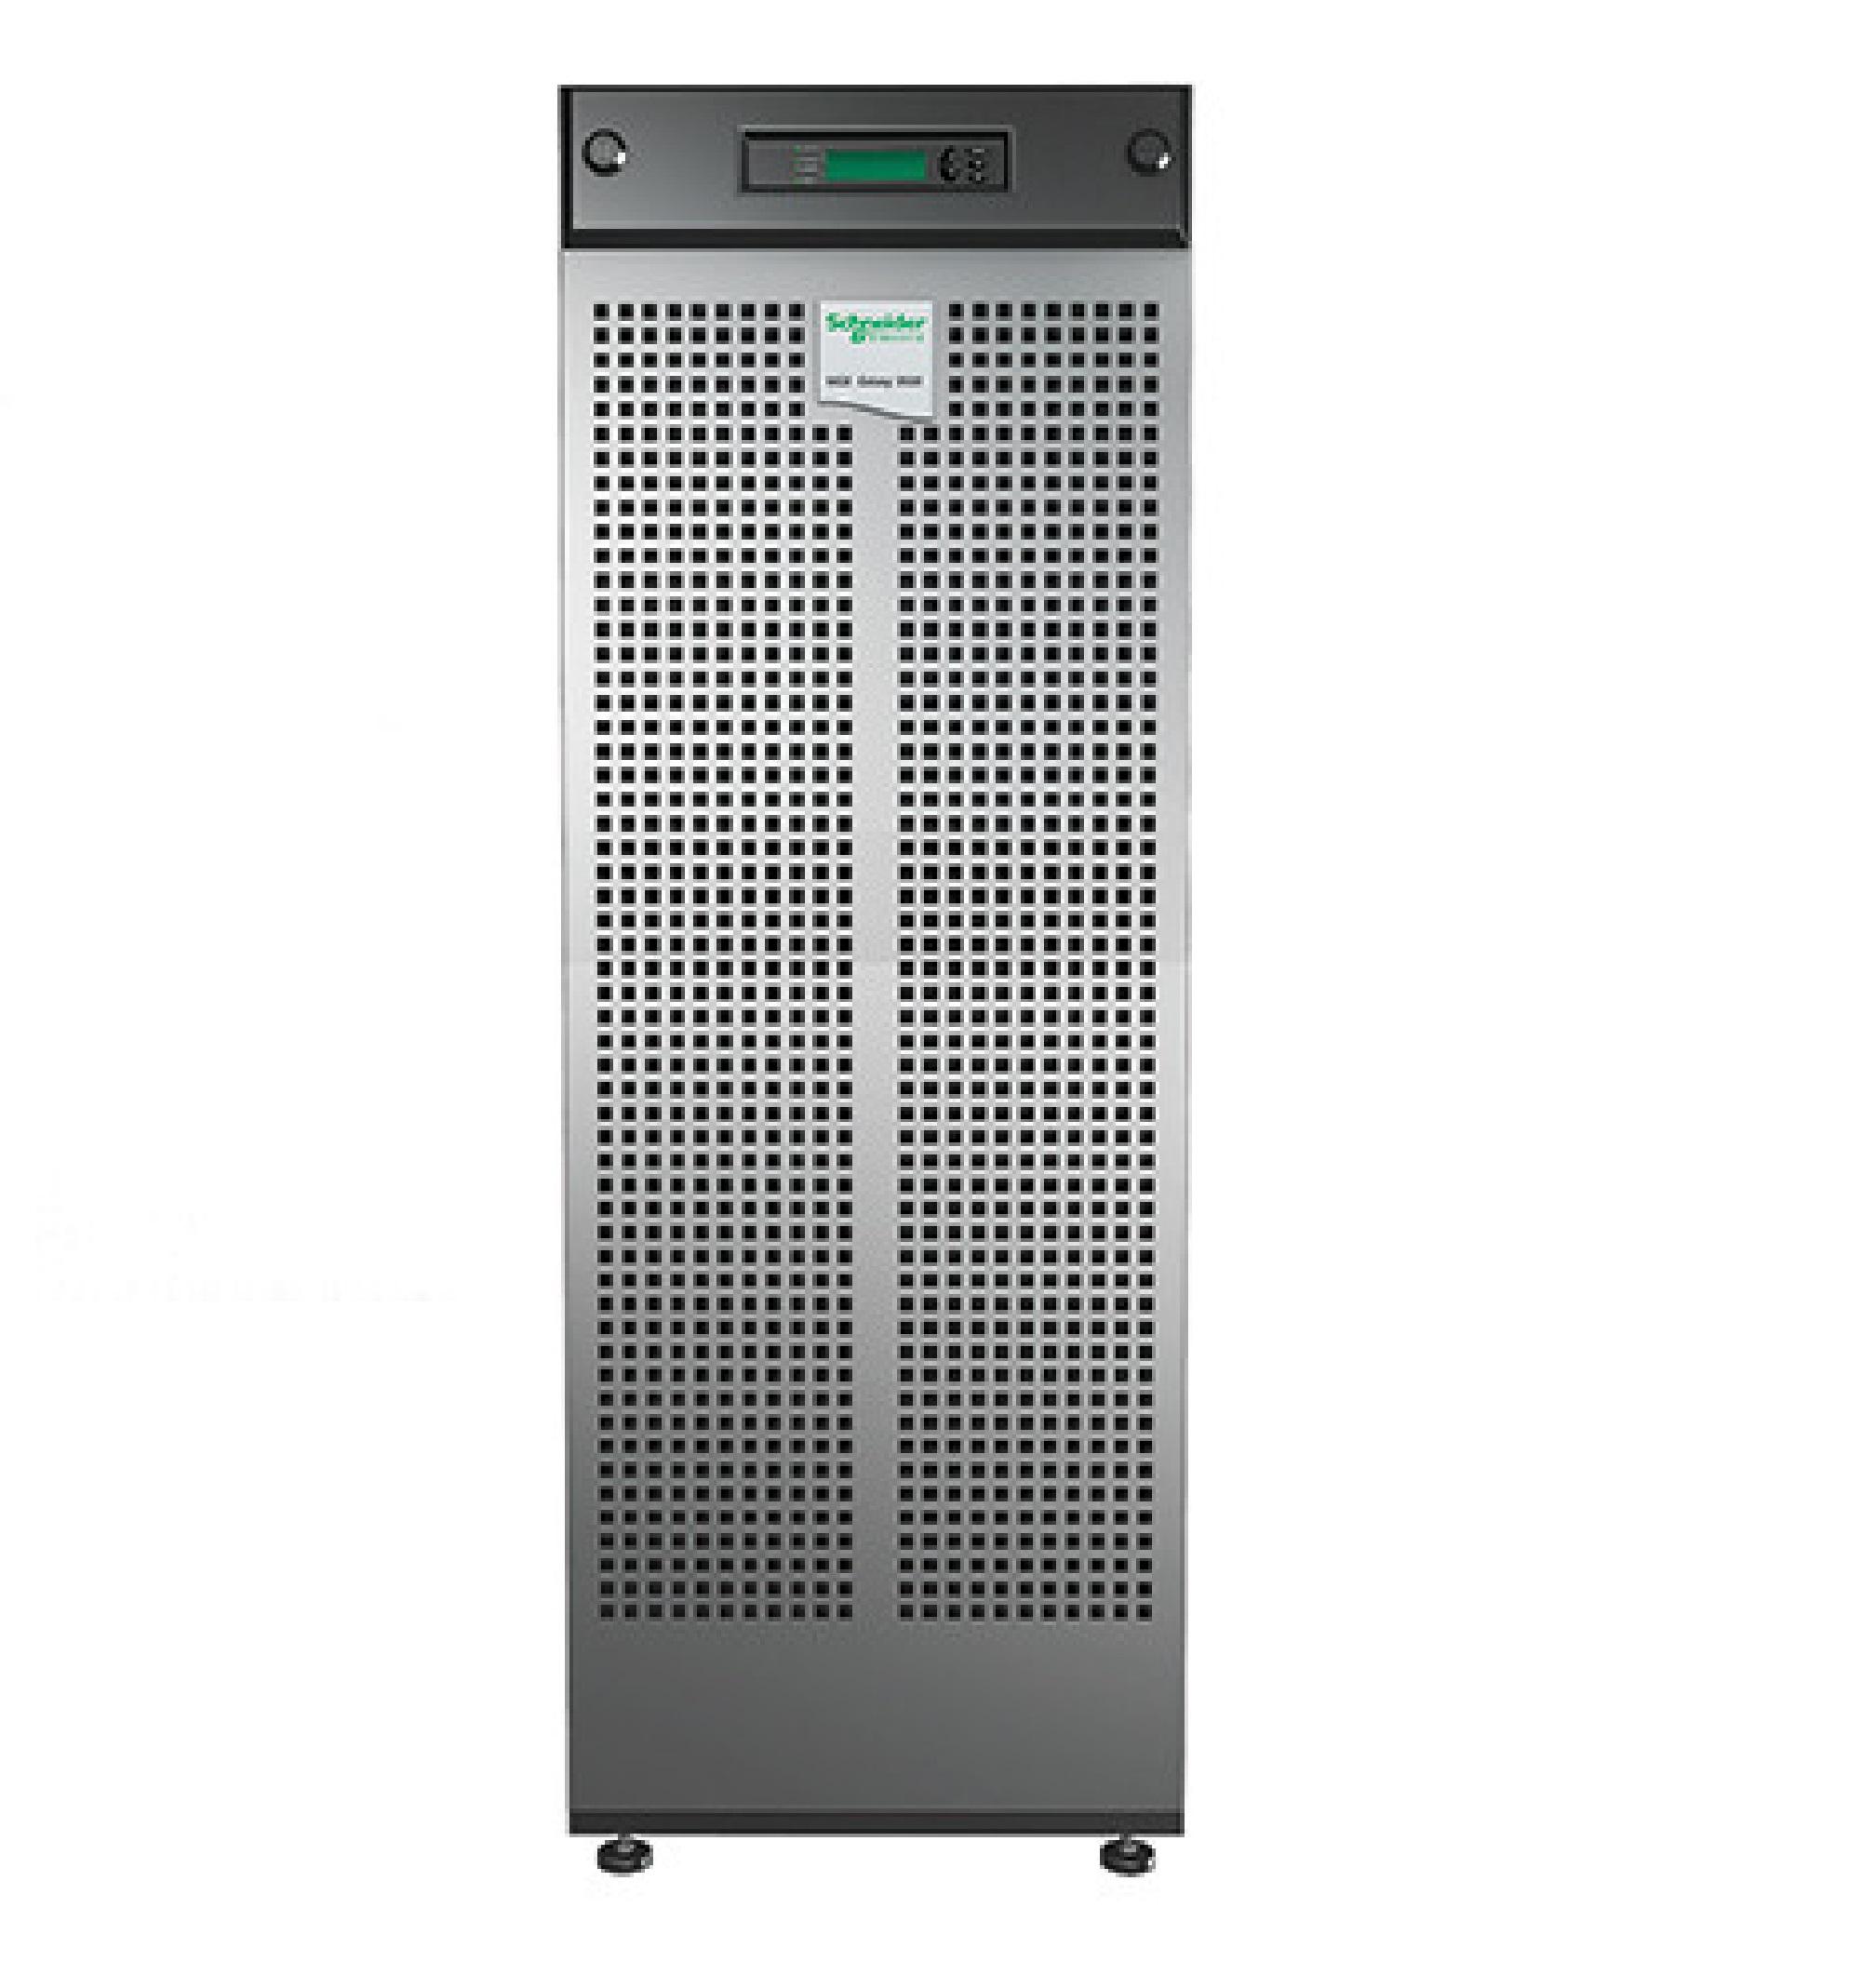 MGE Galaxy 3500, 30 kVA e 208 V, com 3 módulos de baterias expansíveis a 4, startup 5x8